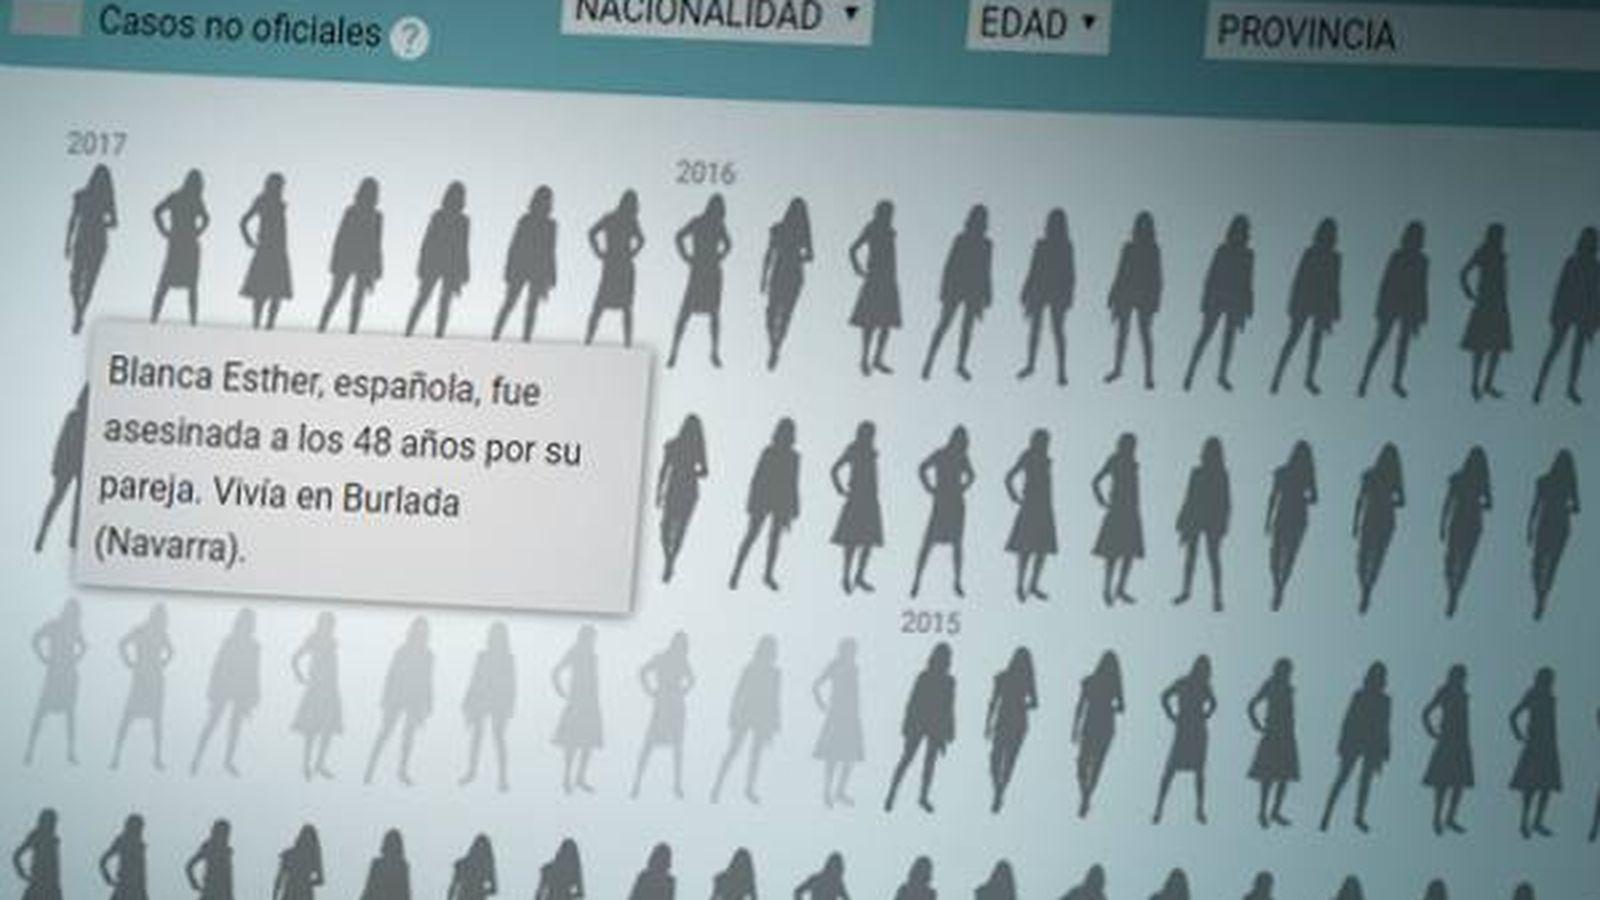 Violencia de g nero m s de 800 mujeres han sido asesinadas descubre cada caso noticias de espa a - Casos de violencia de genero ...